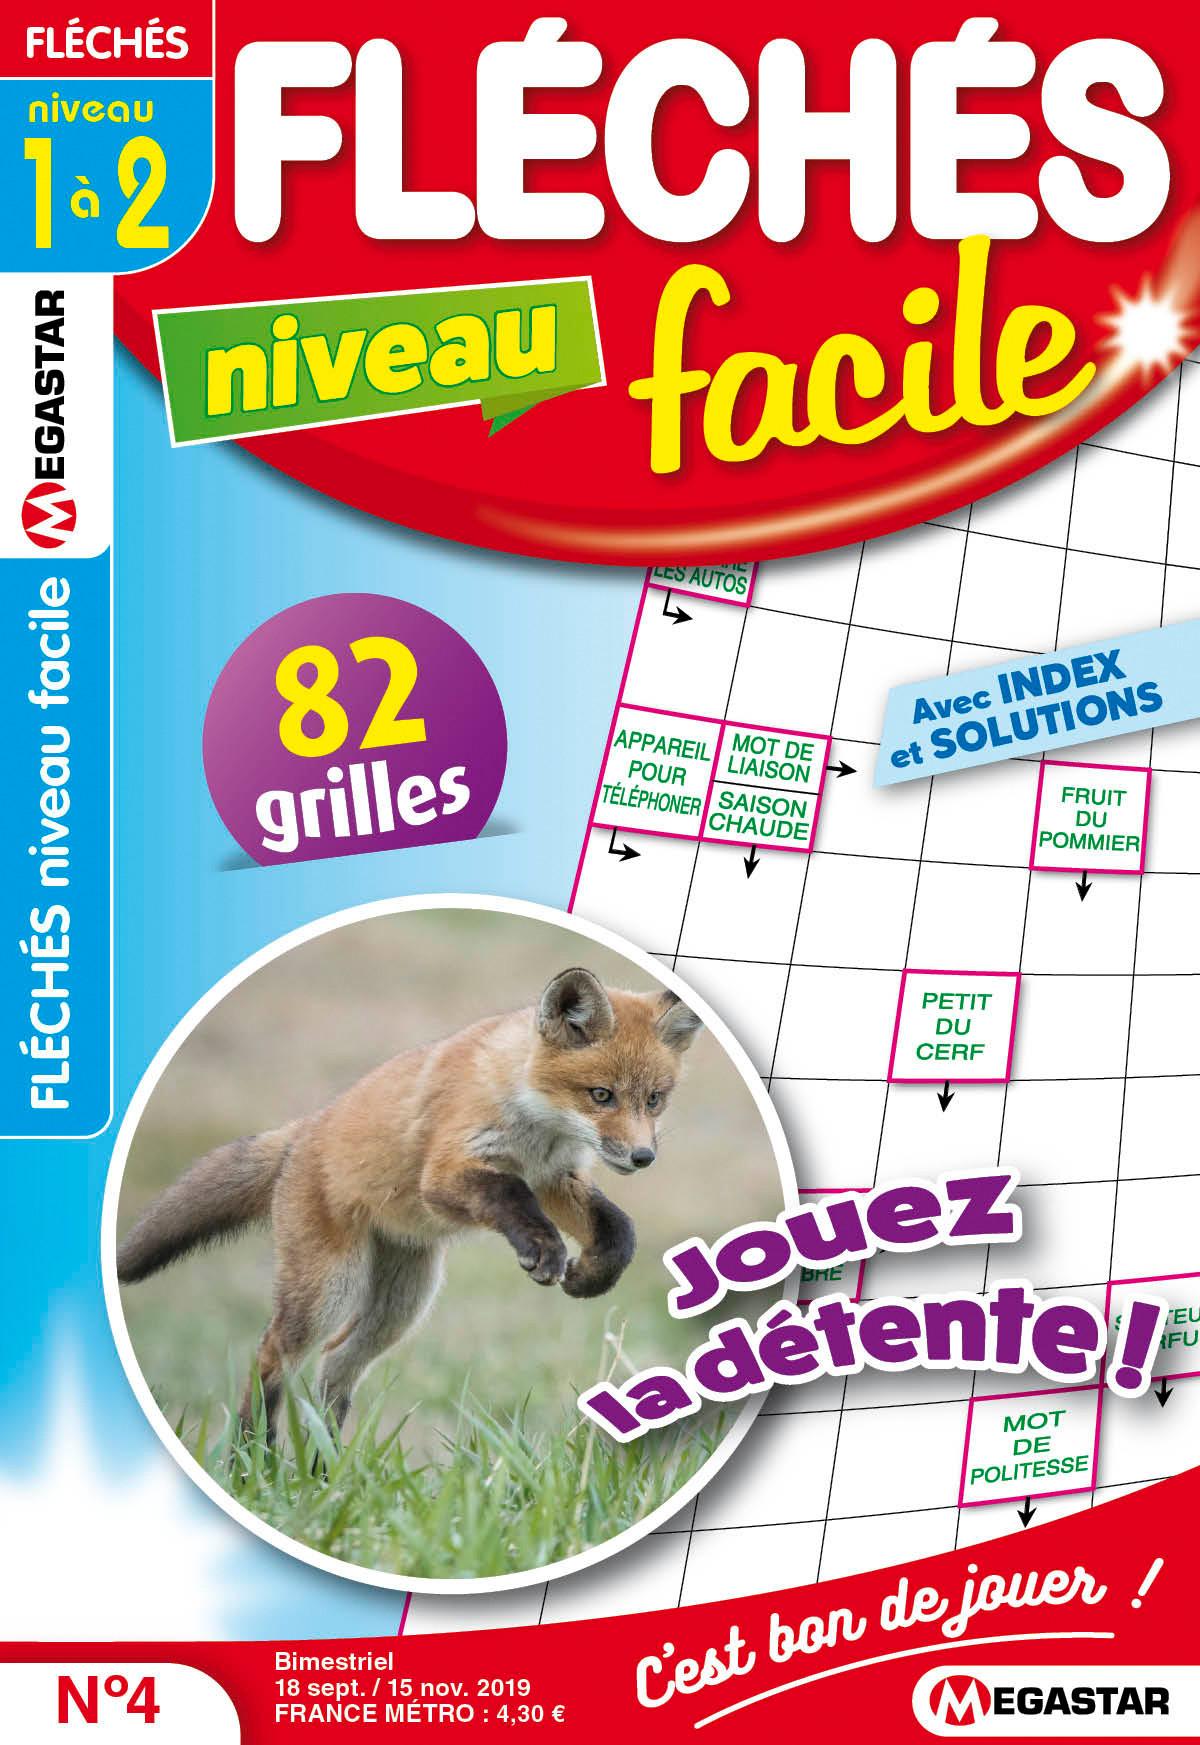 Mots Fleches Faciles Ebook - Clayden Organic Chemistry Book avec Mots Fleches Gr